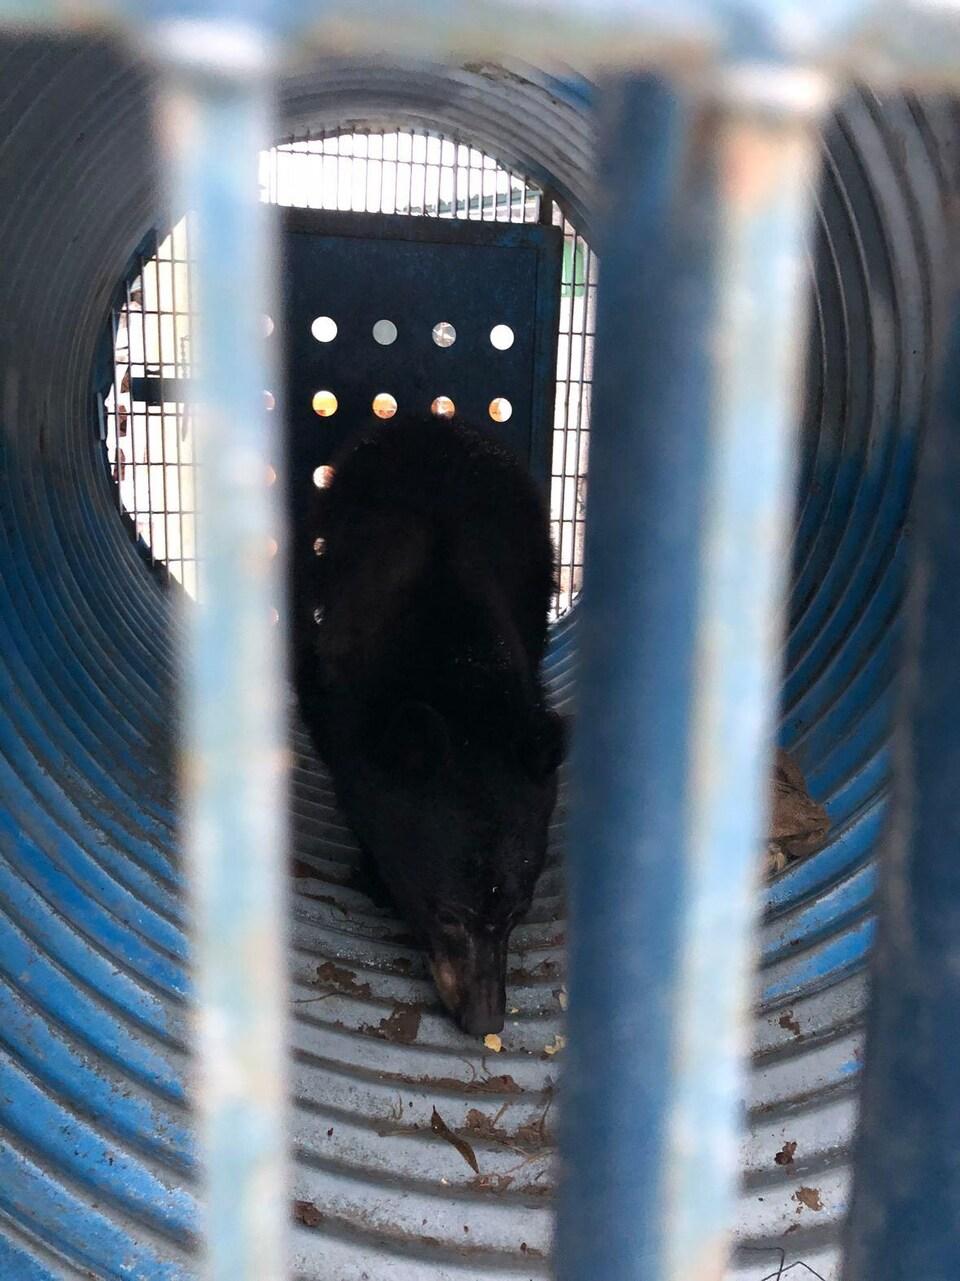 Un petit ours dans un cylindre métallique, derrière des barreaux de métal.